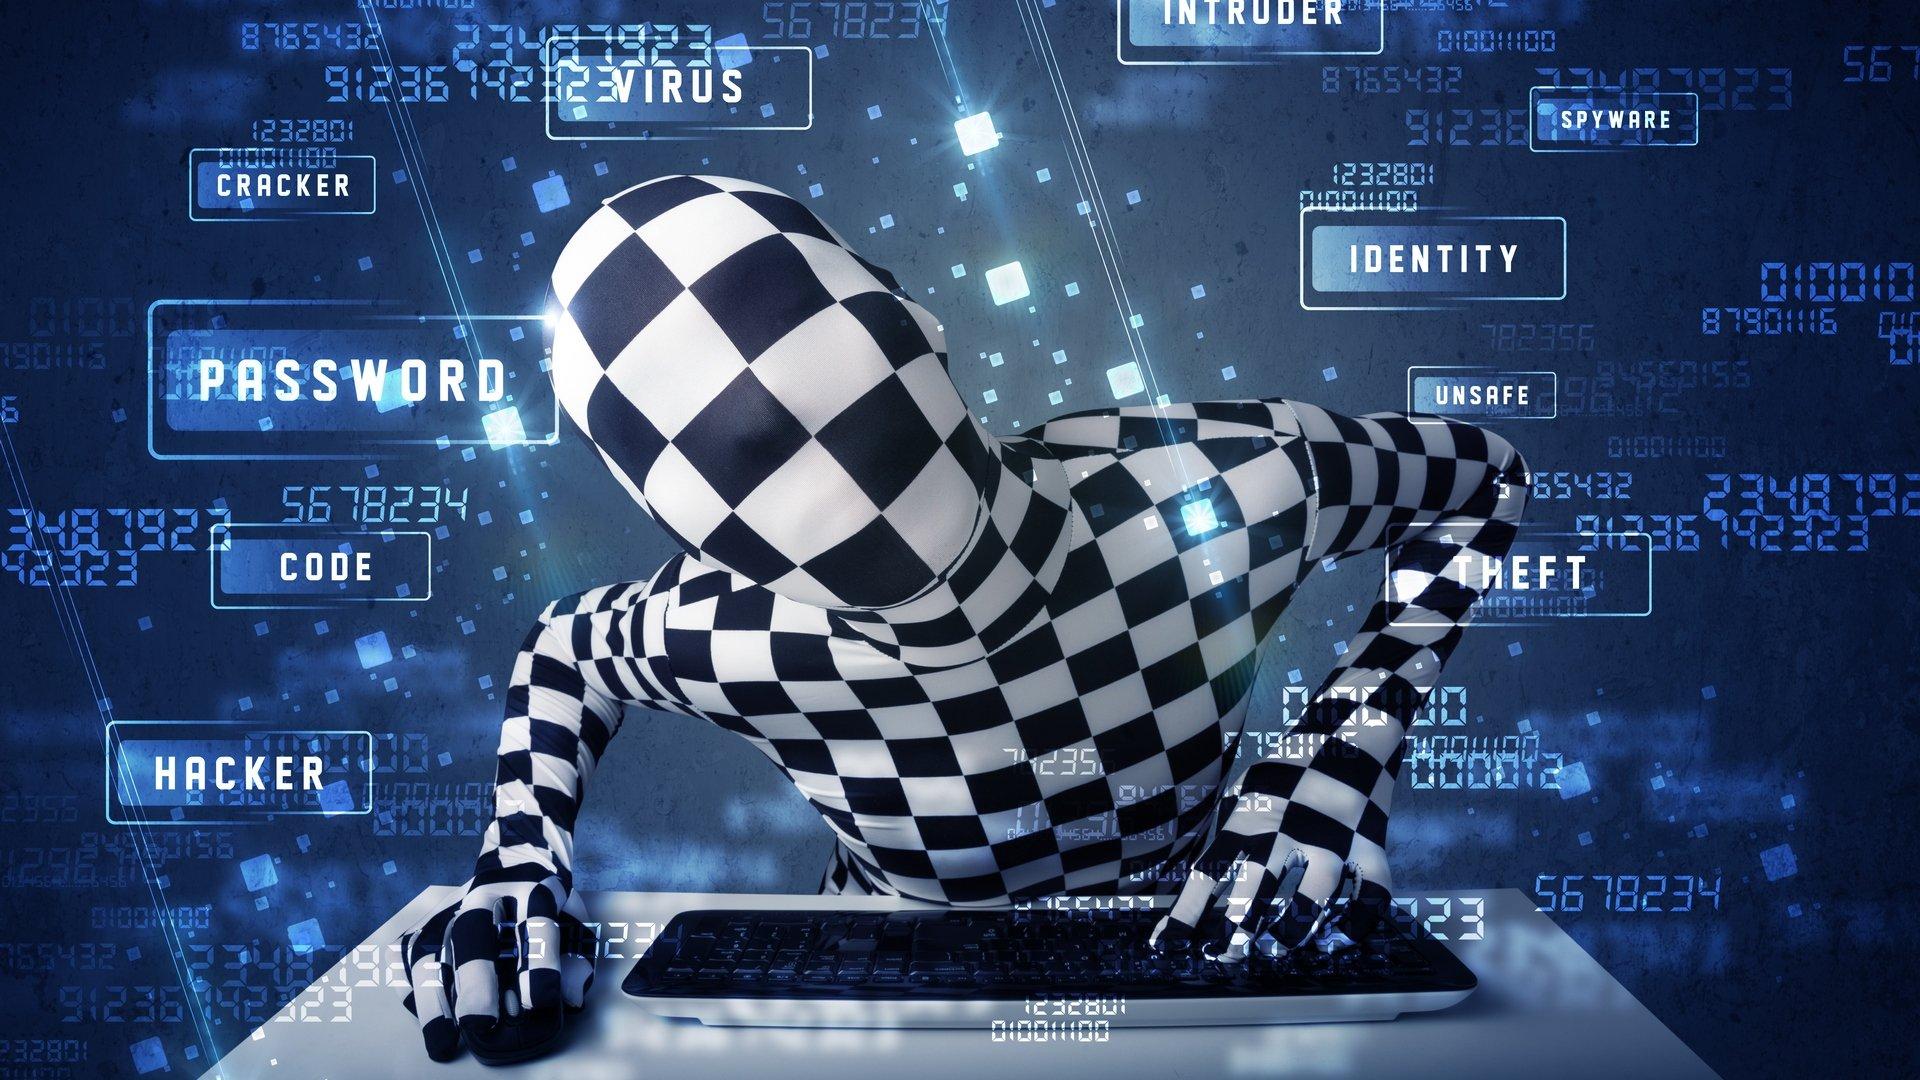 Цифровая Евразия: Небеса обетованные для киберпреступников